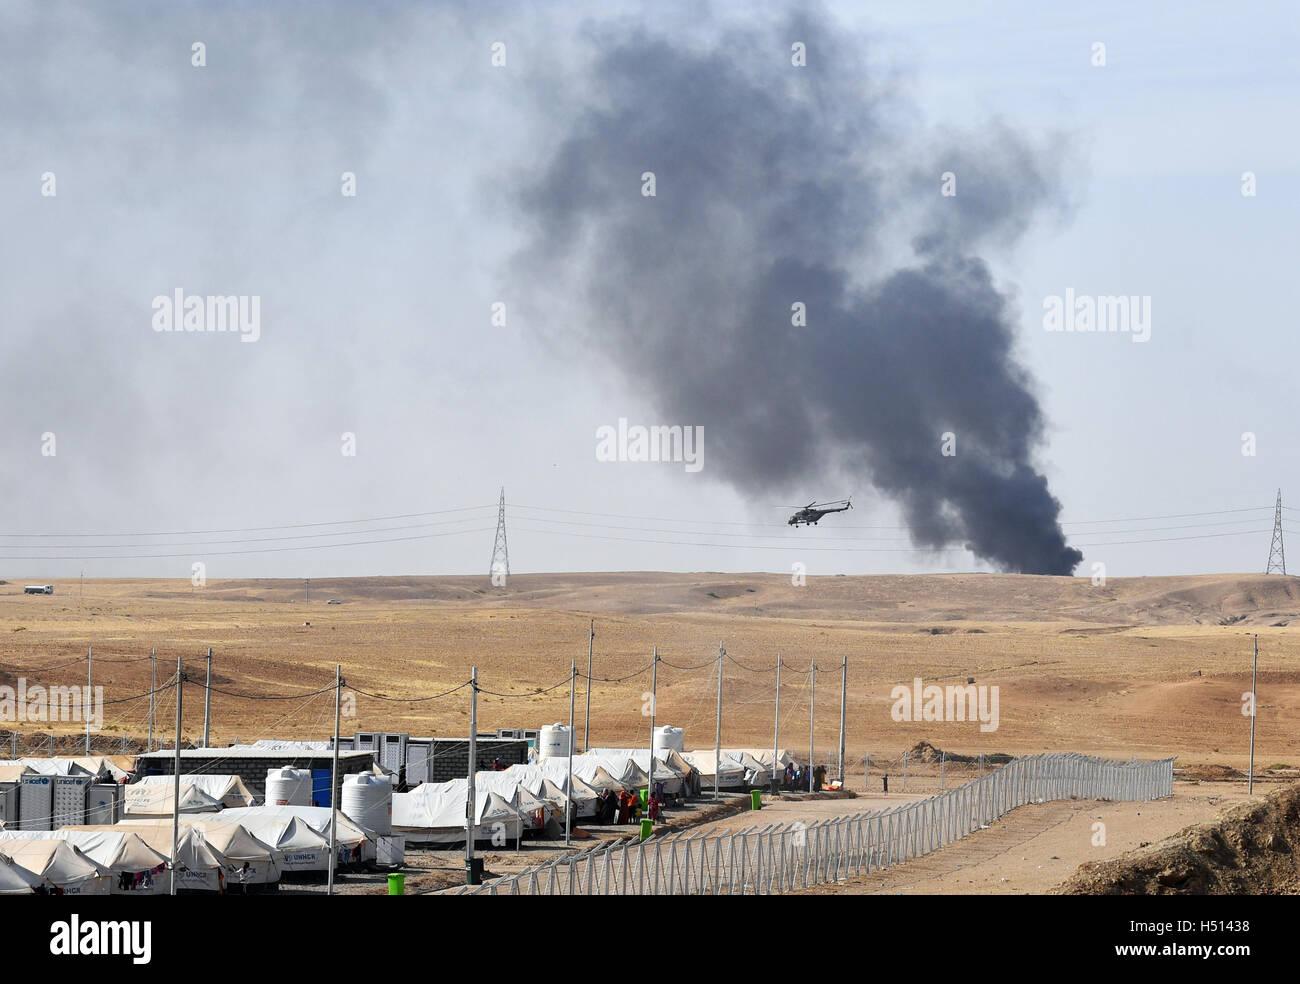 Un elicottero e fumo nero da un brucia olio impianto può essere visto dietro il Debaga Refugee Camp tra Mosul Immagini Stock